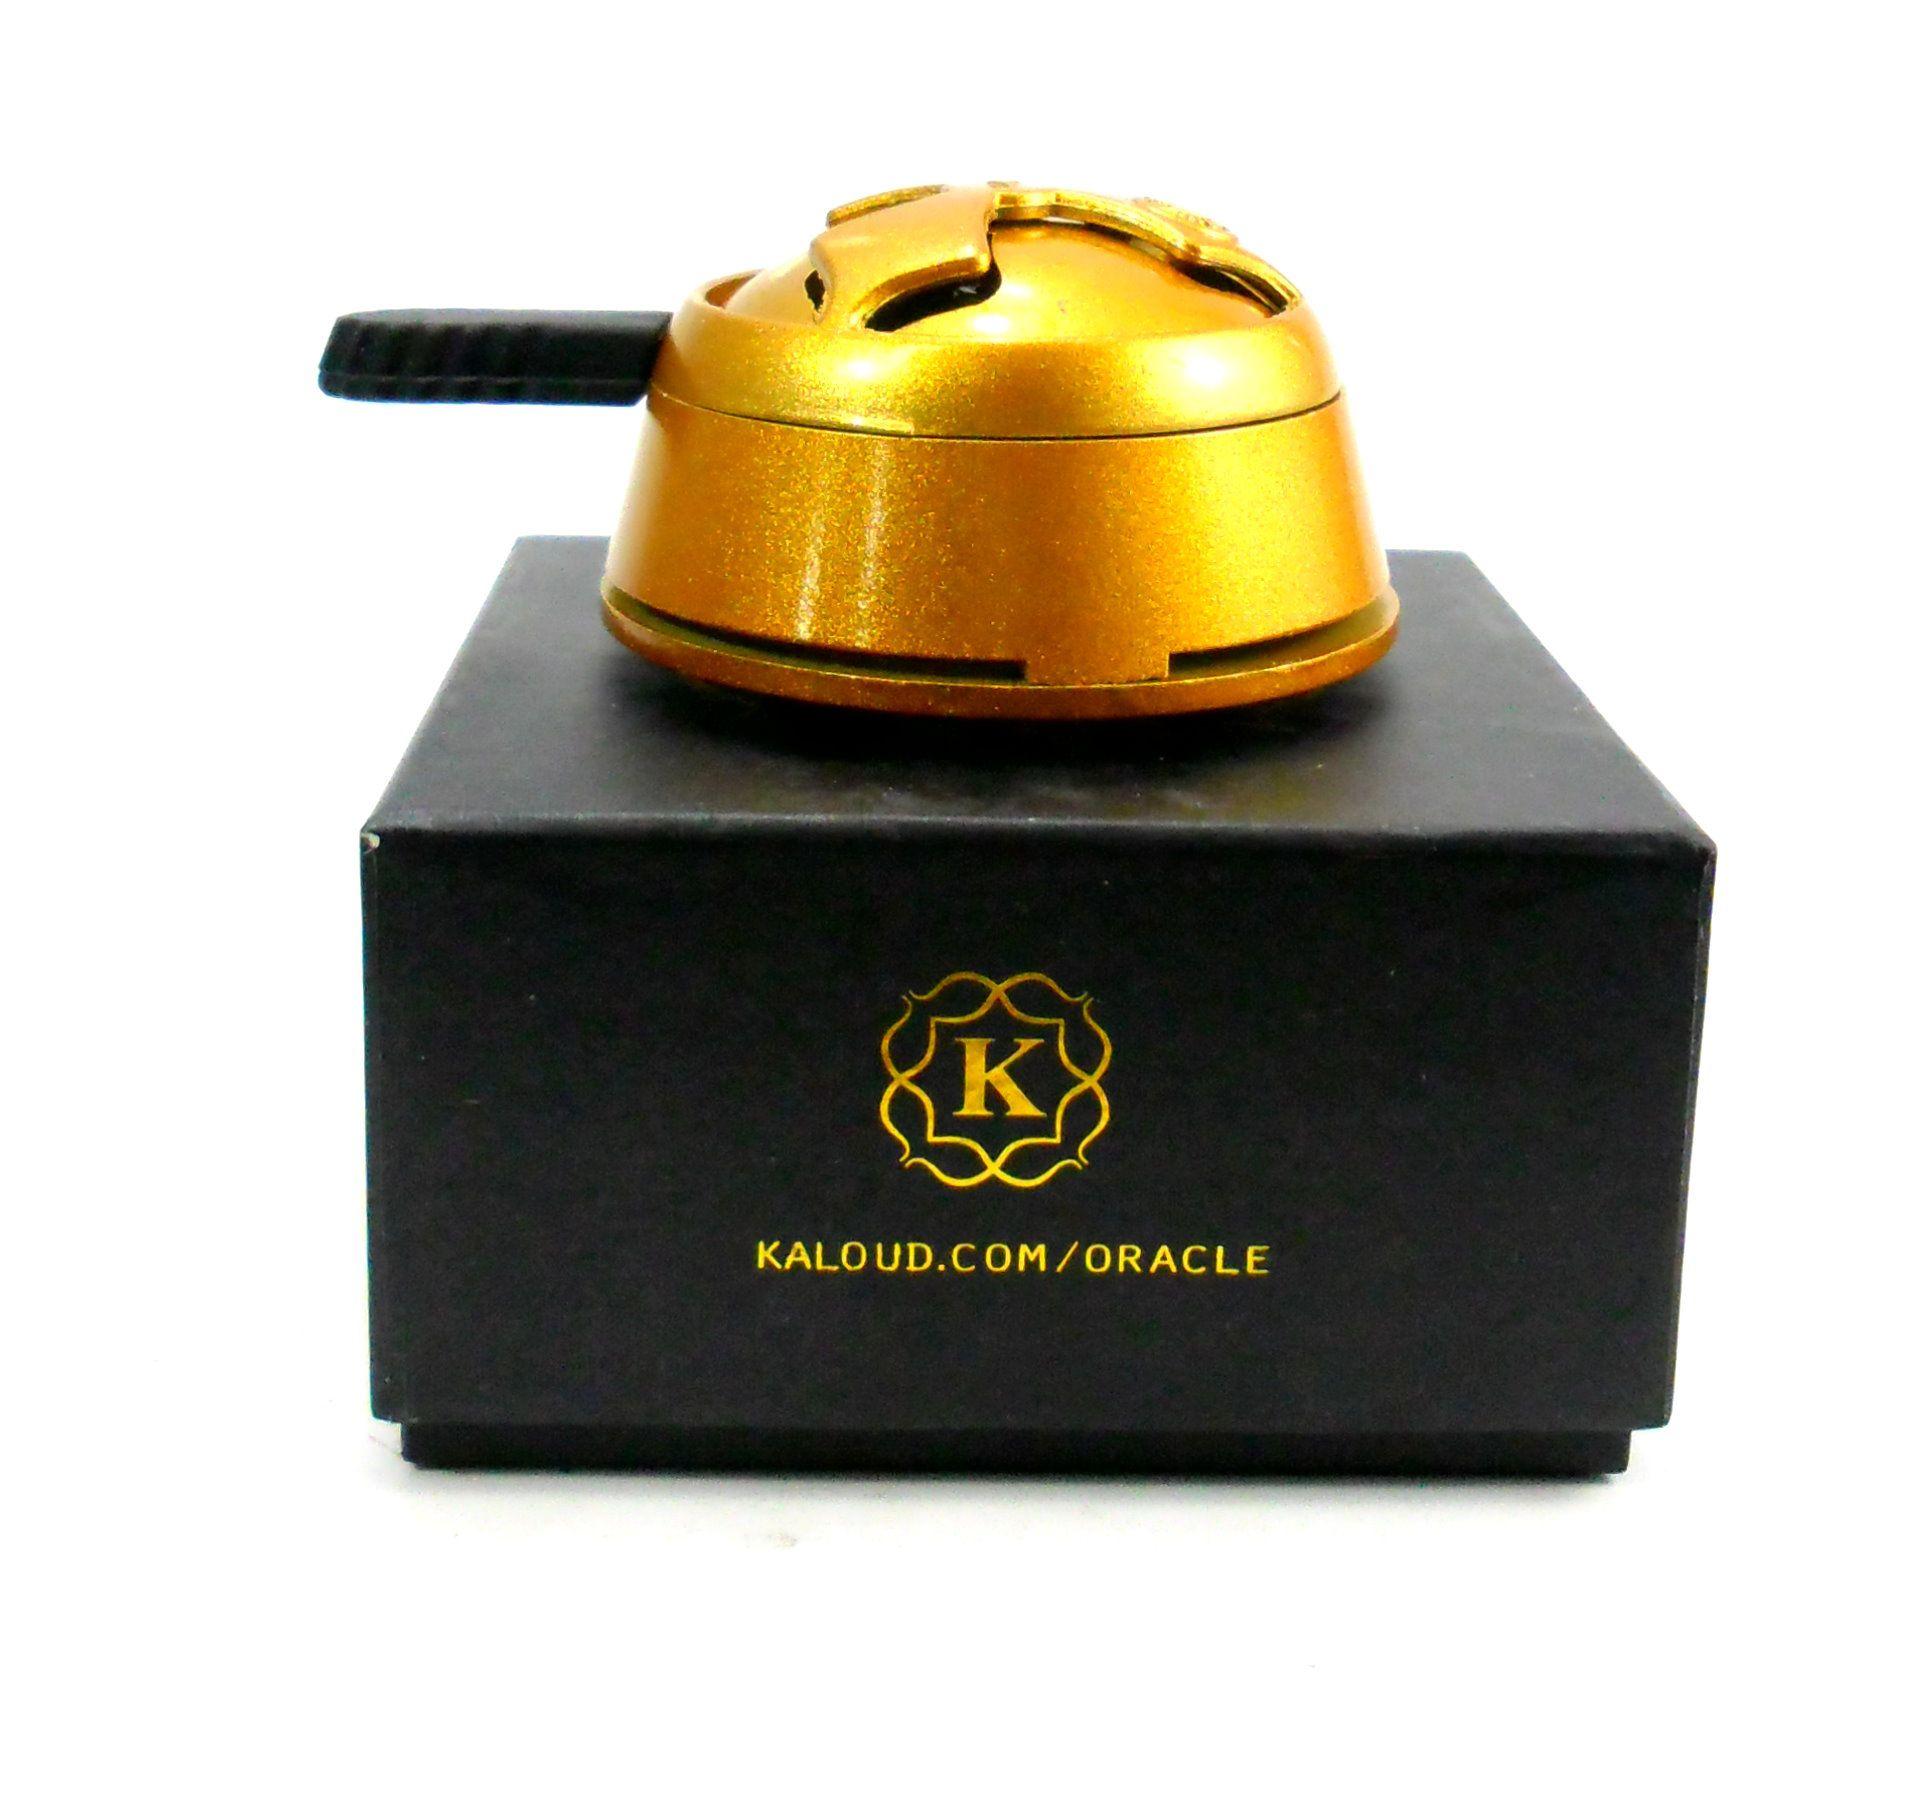 Controlador de calor Kaloud Lotus Oracle MMXIV, colorido, 7,5cm de diâmetro.